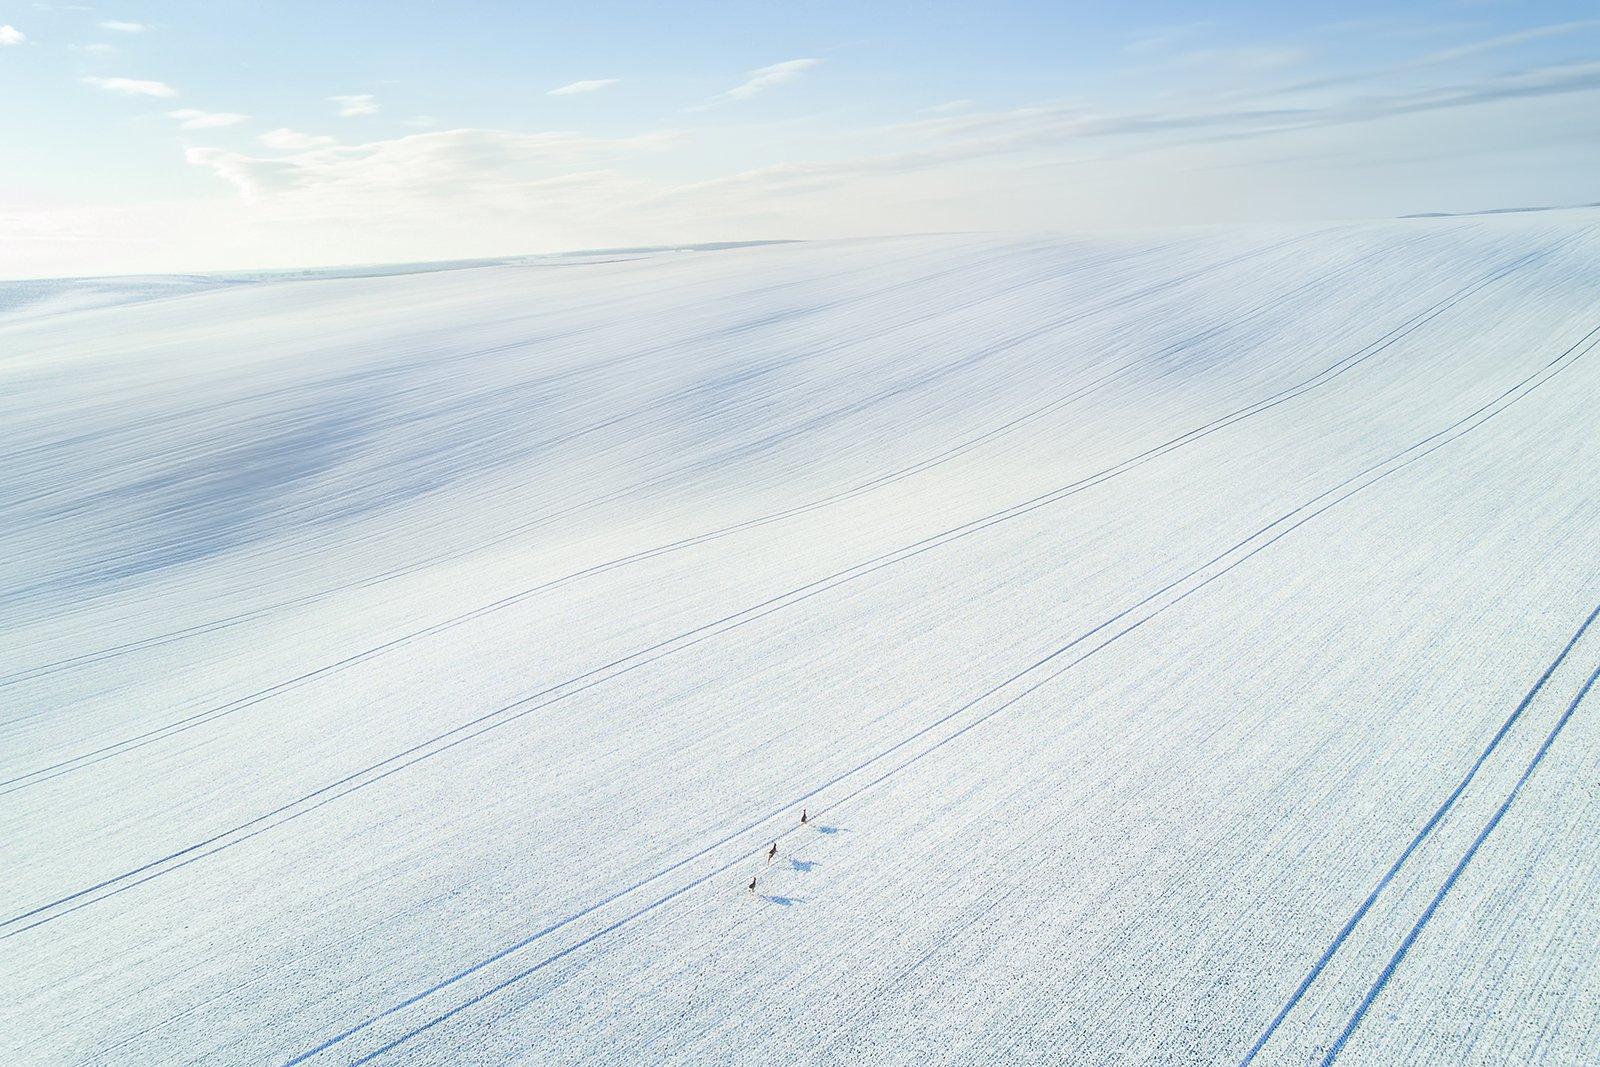 моравия, чехия, зима, Василий Яковлев